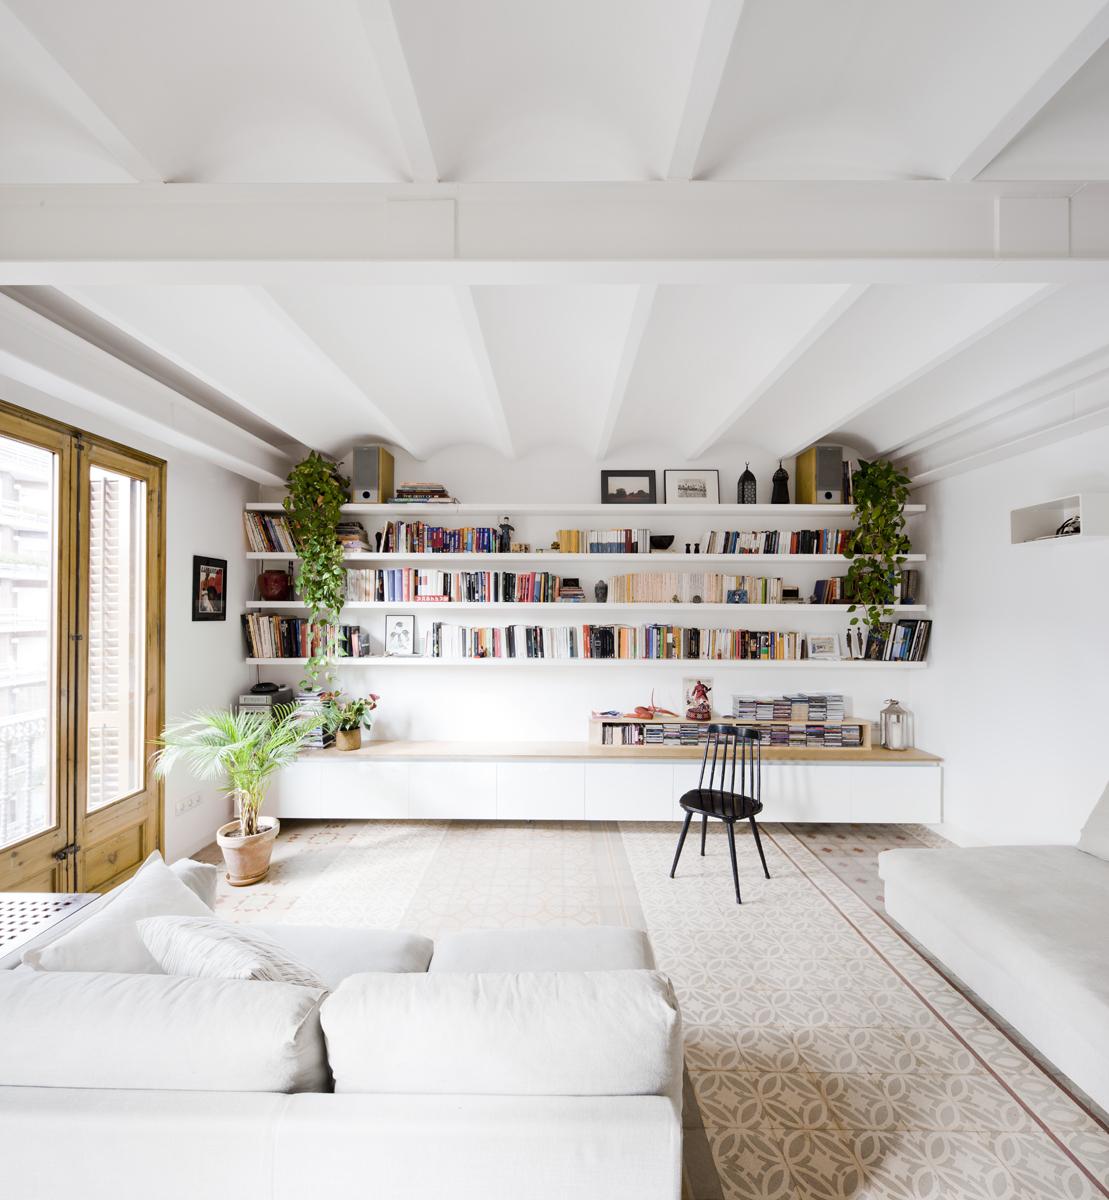 52c21338e8e44ecb690000cb_apartment-refurbishment-anna-eugeni-bach_portada.jpg